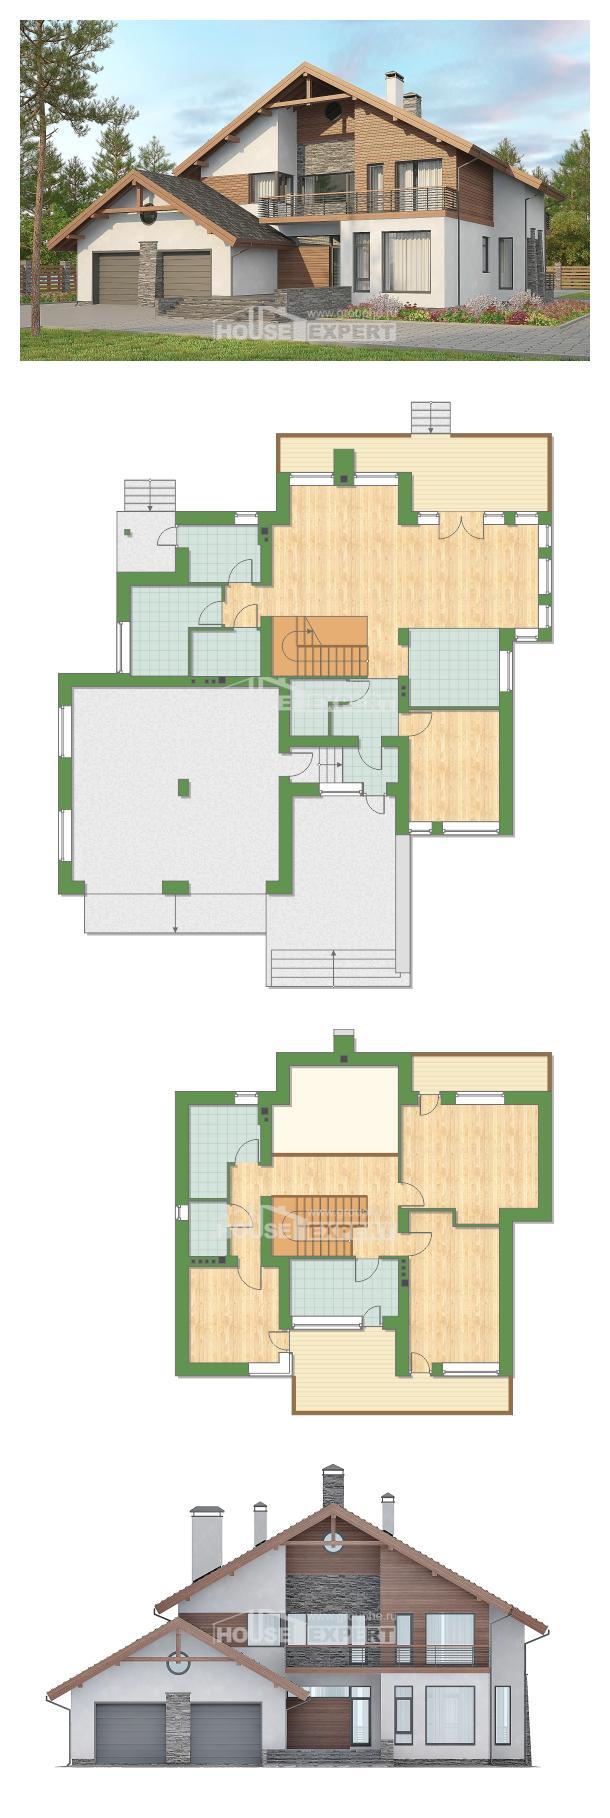 Plan 270-003-L | House Expert